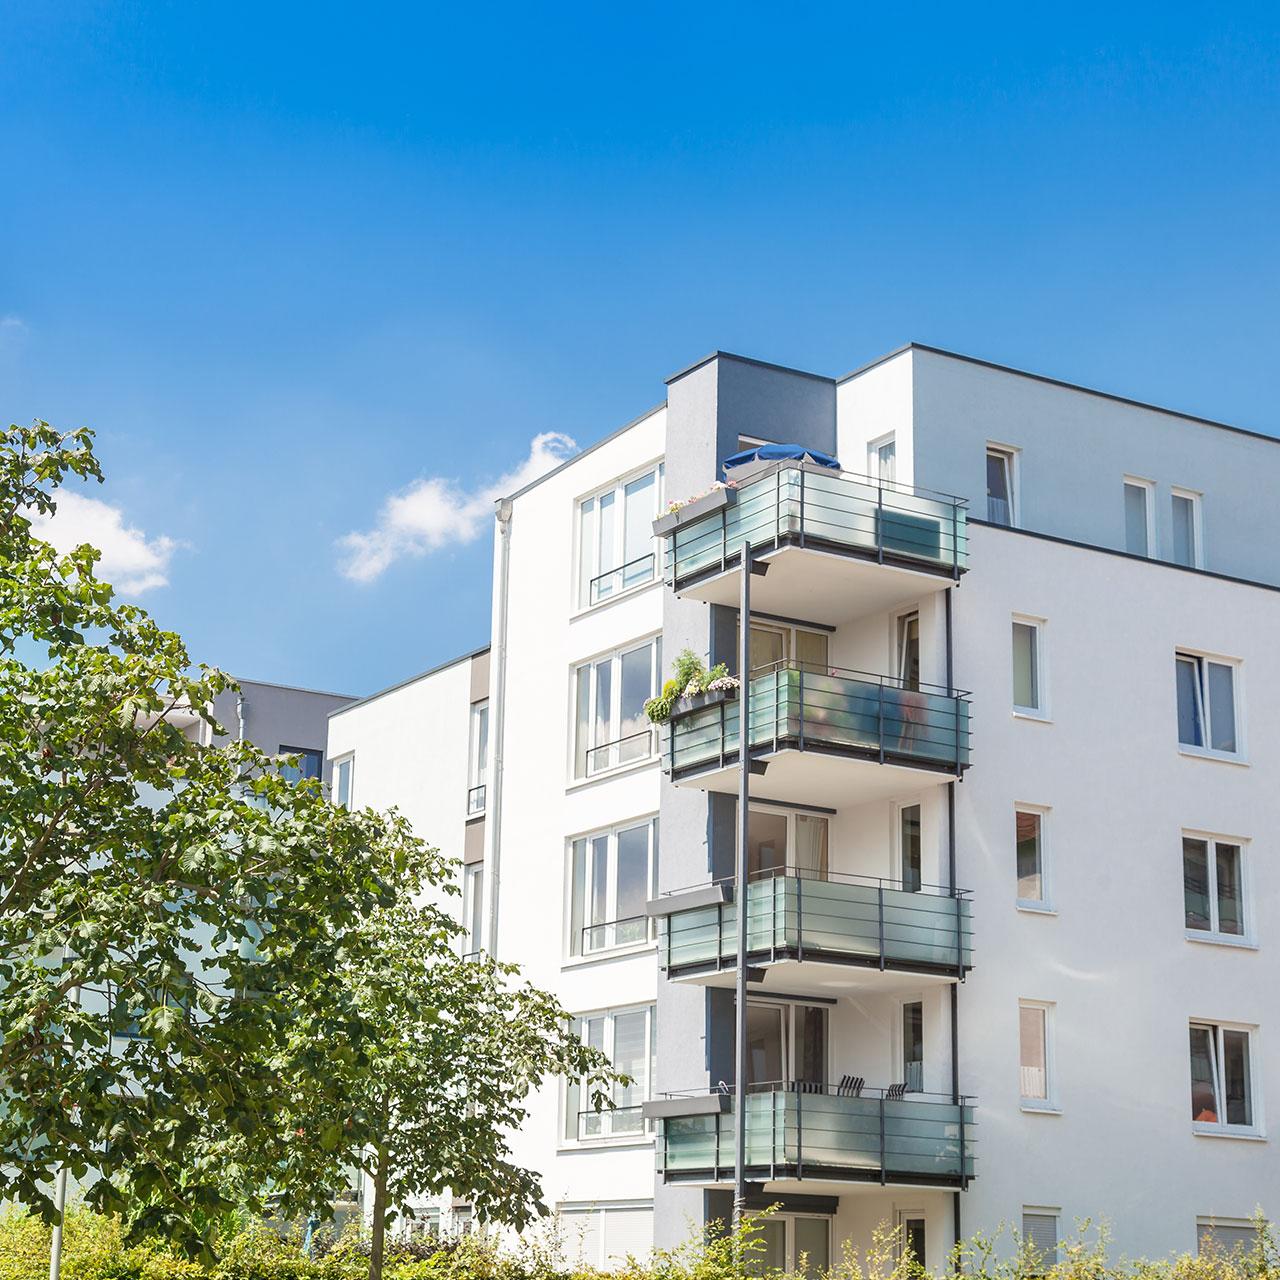 Häuser zum Kauf in Leverkusen - Moderne Doppelhaushälfte in ...